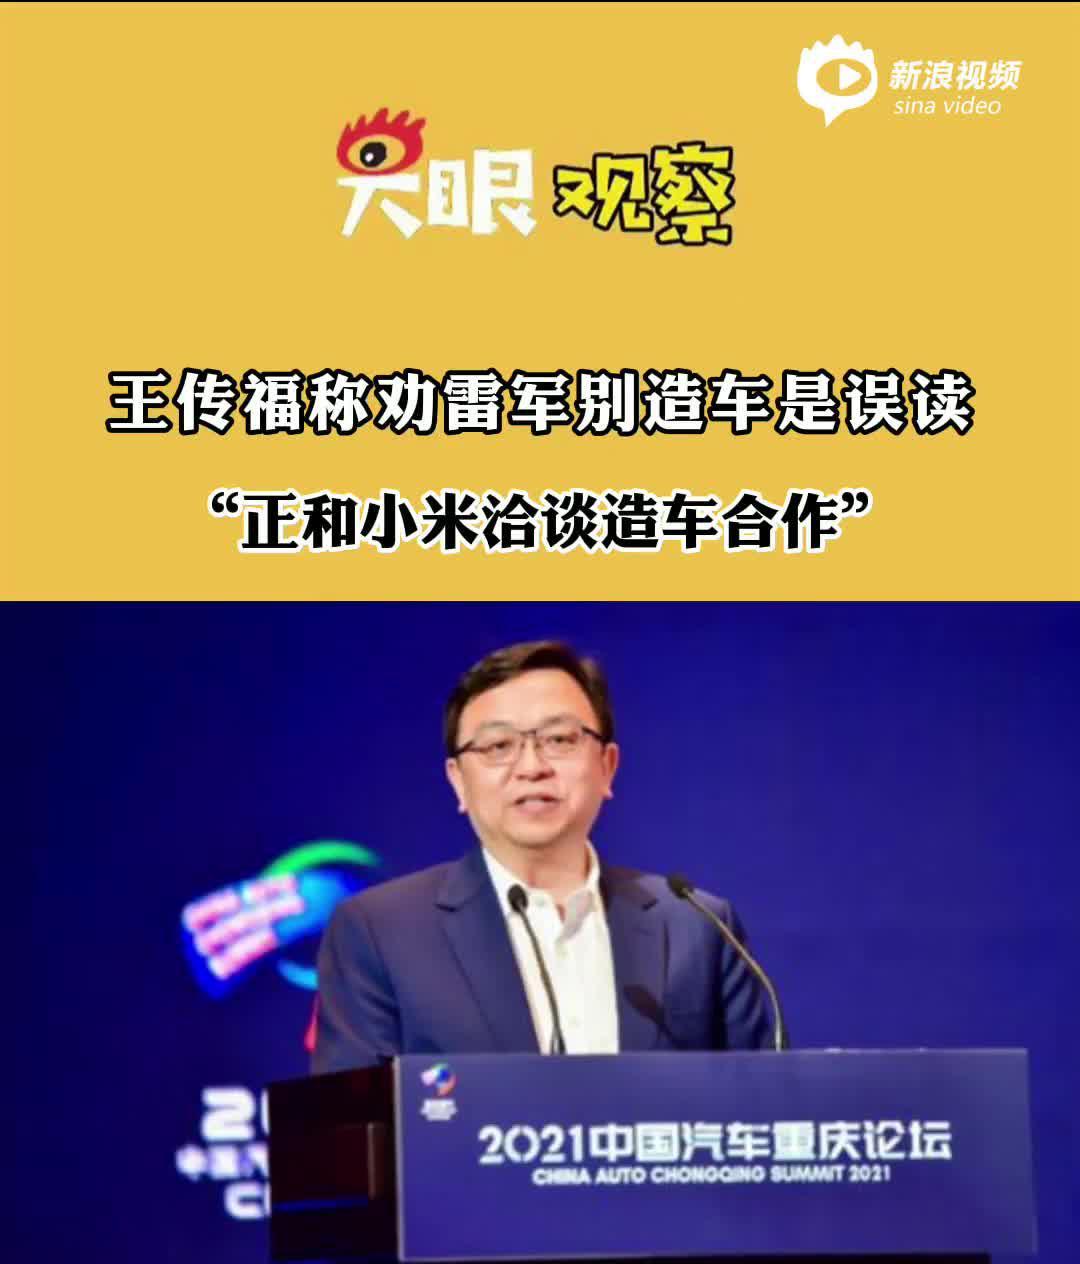 视频丨王传福称劝雷军别造车是误读:正和小米洽谈造车合作